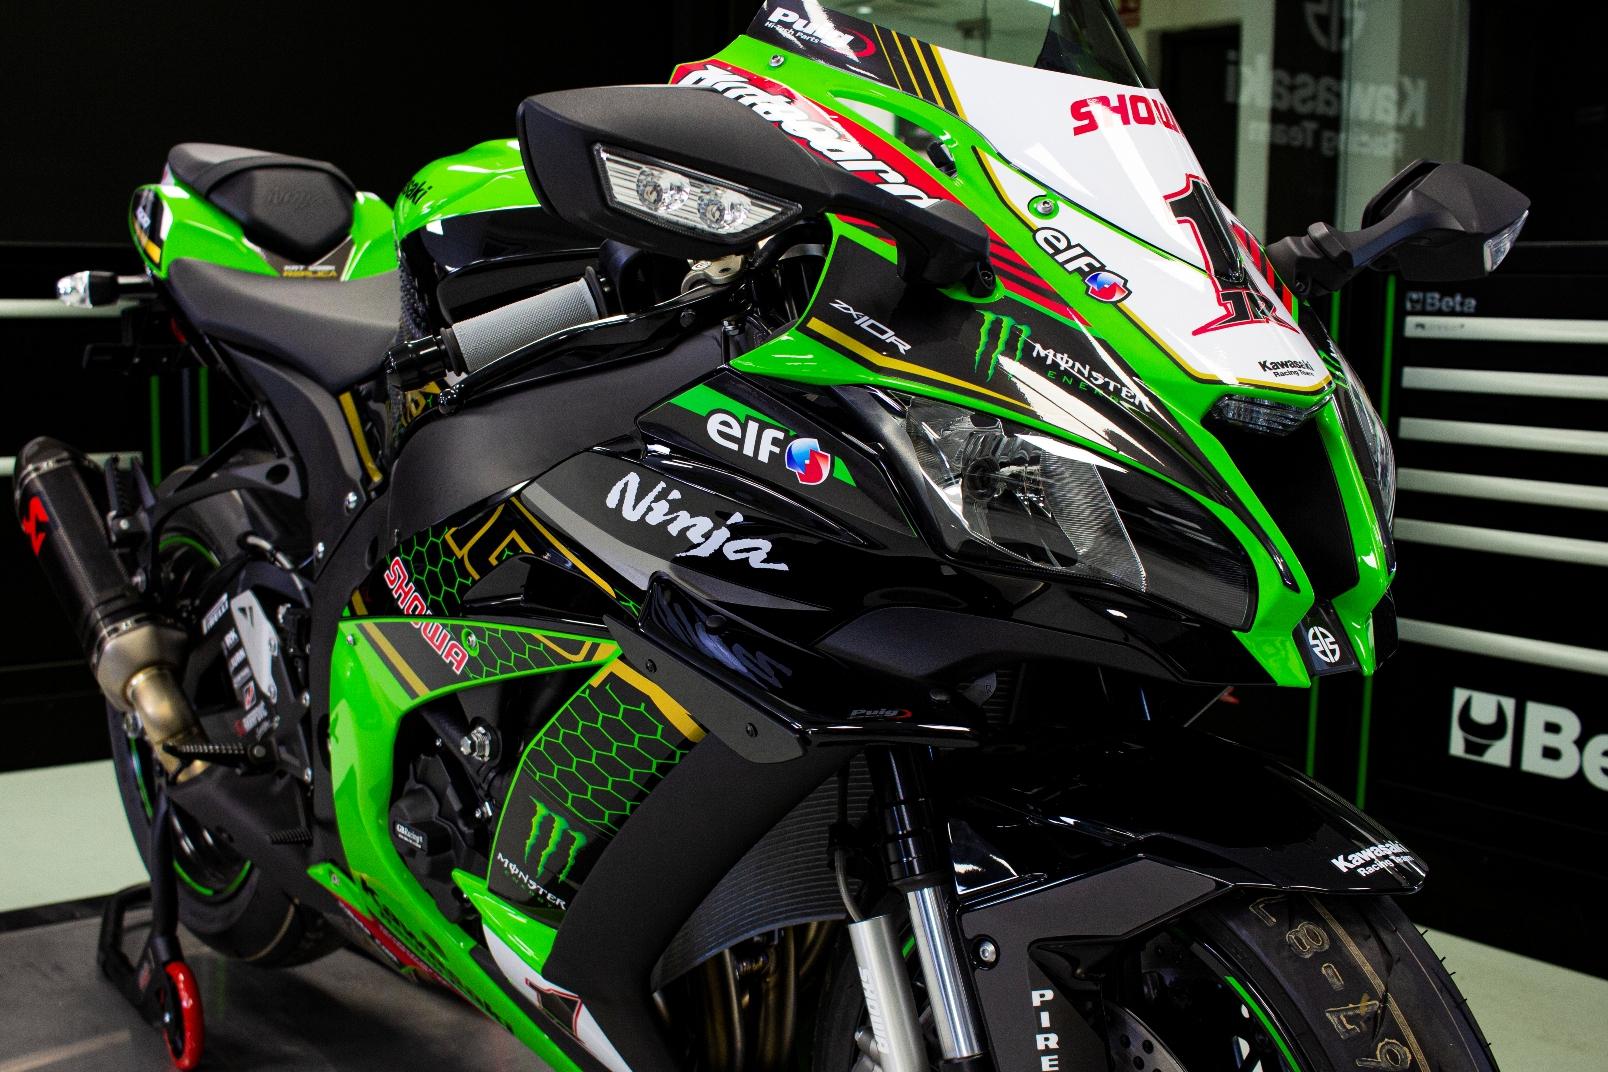 Kawasaki Ninja Zx 10r Krtw Sbk Réplica (3)